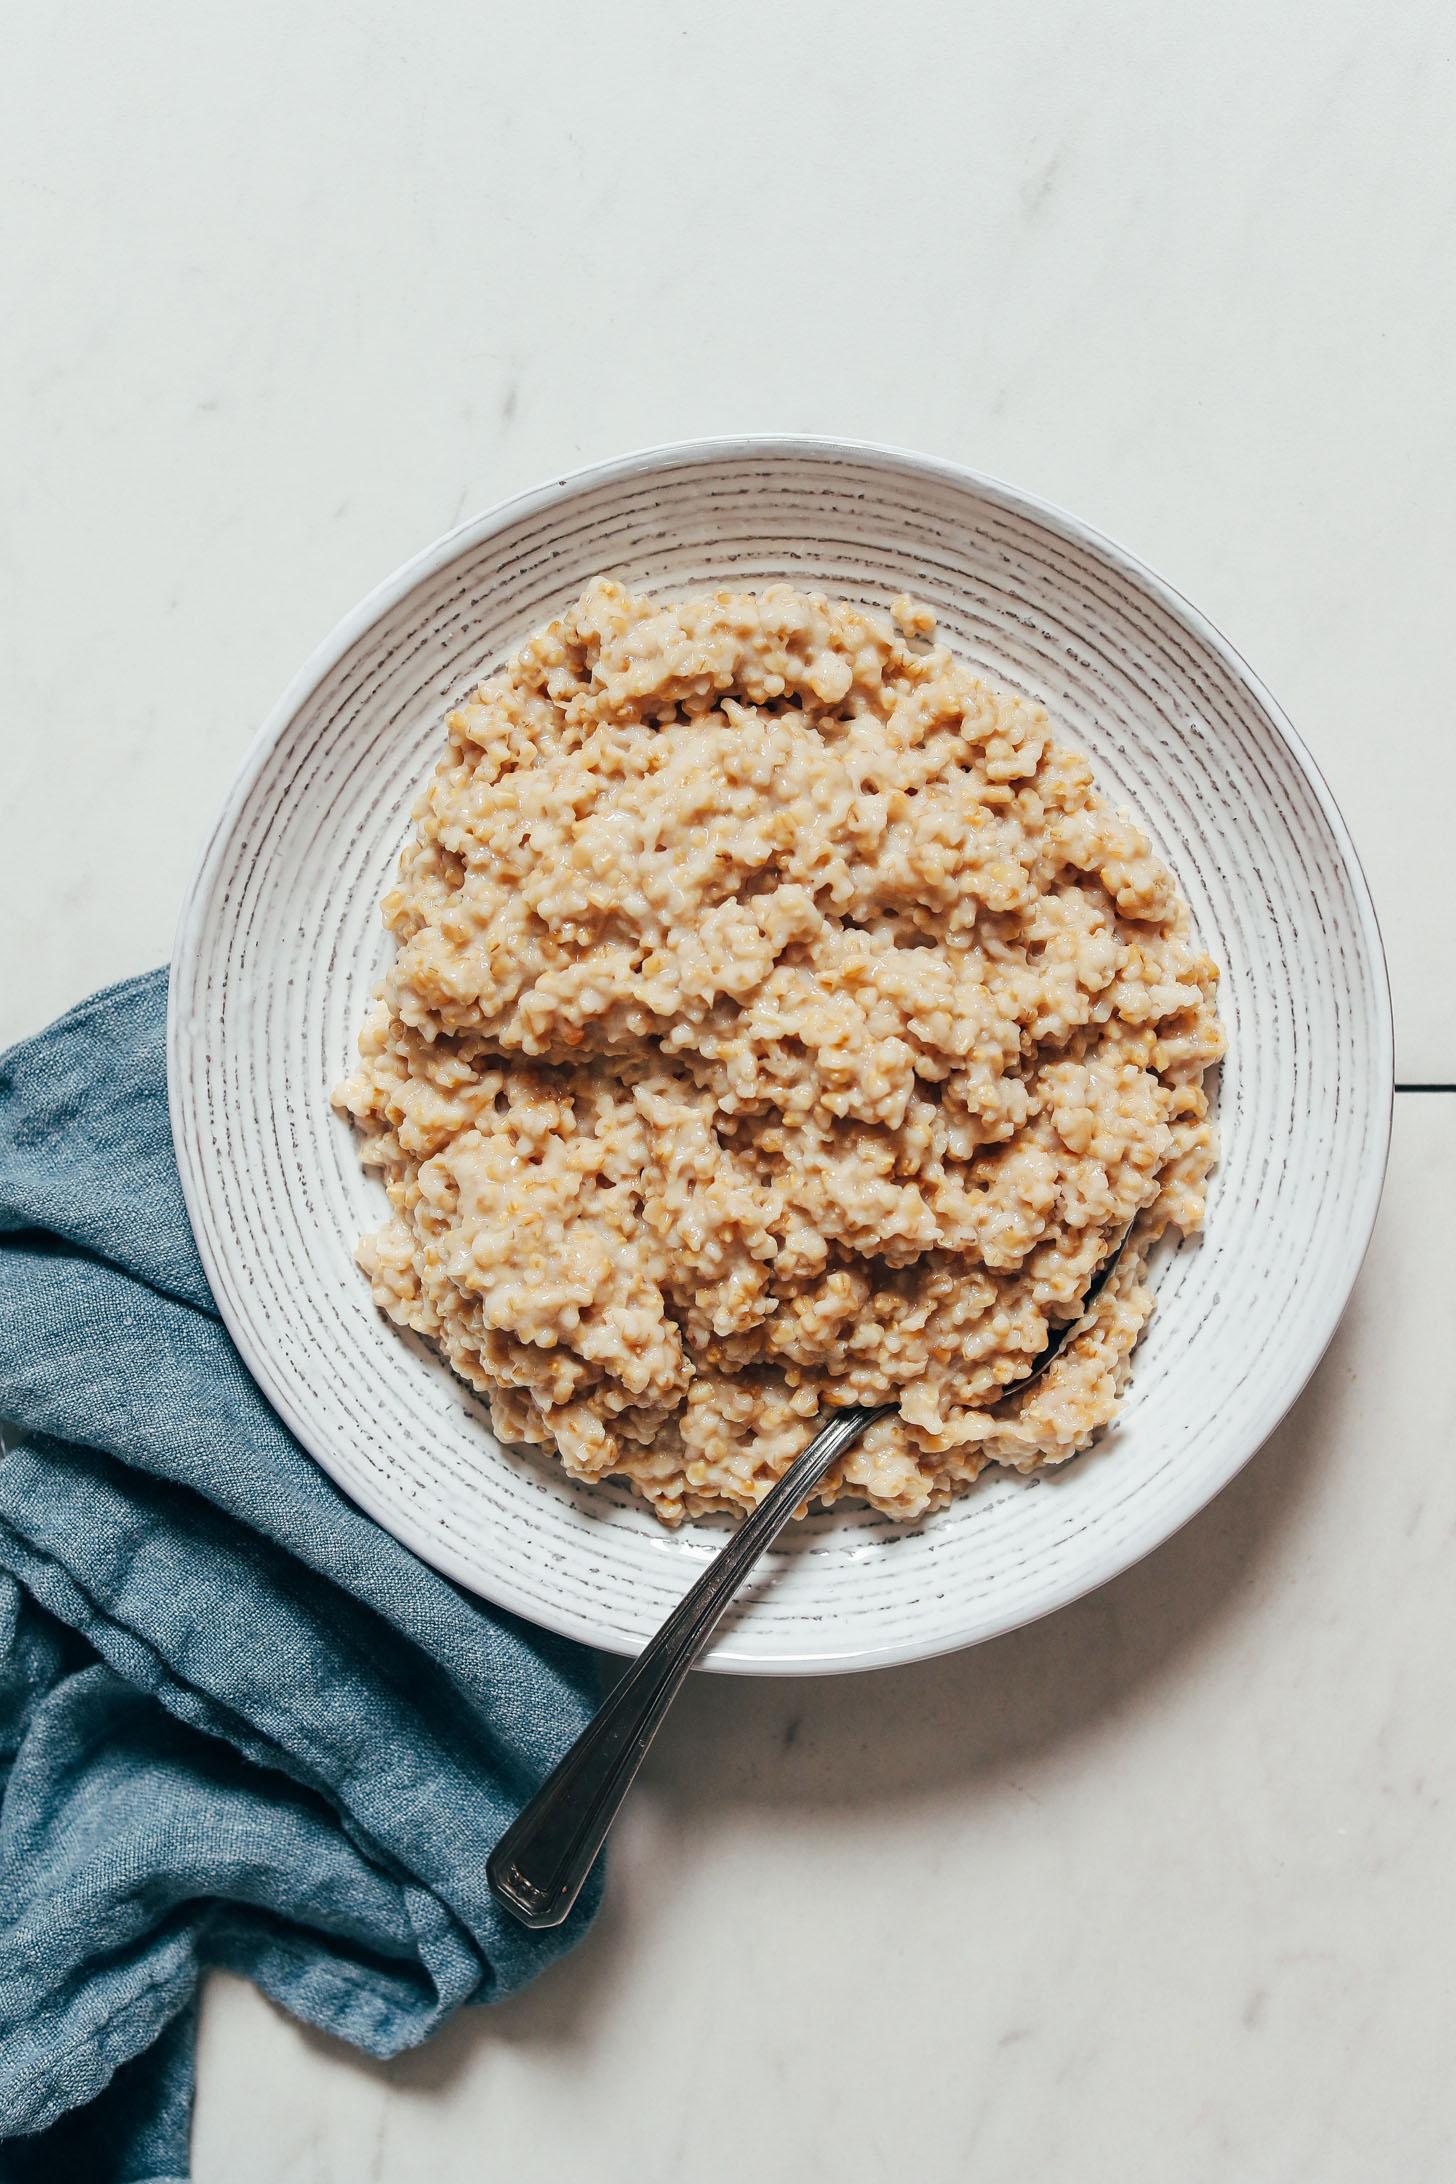 Bowl of perfect Instant Pot steel cut oats